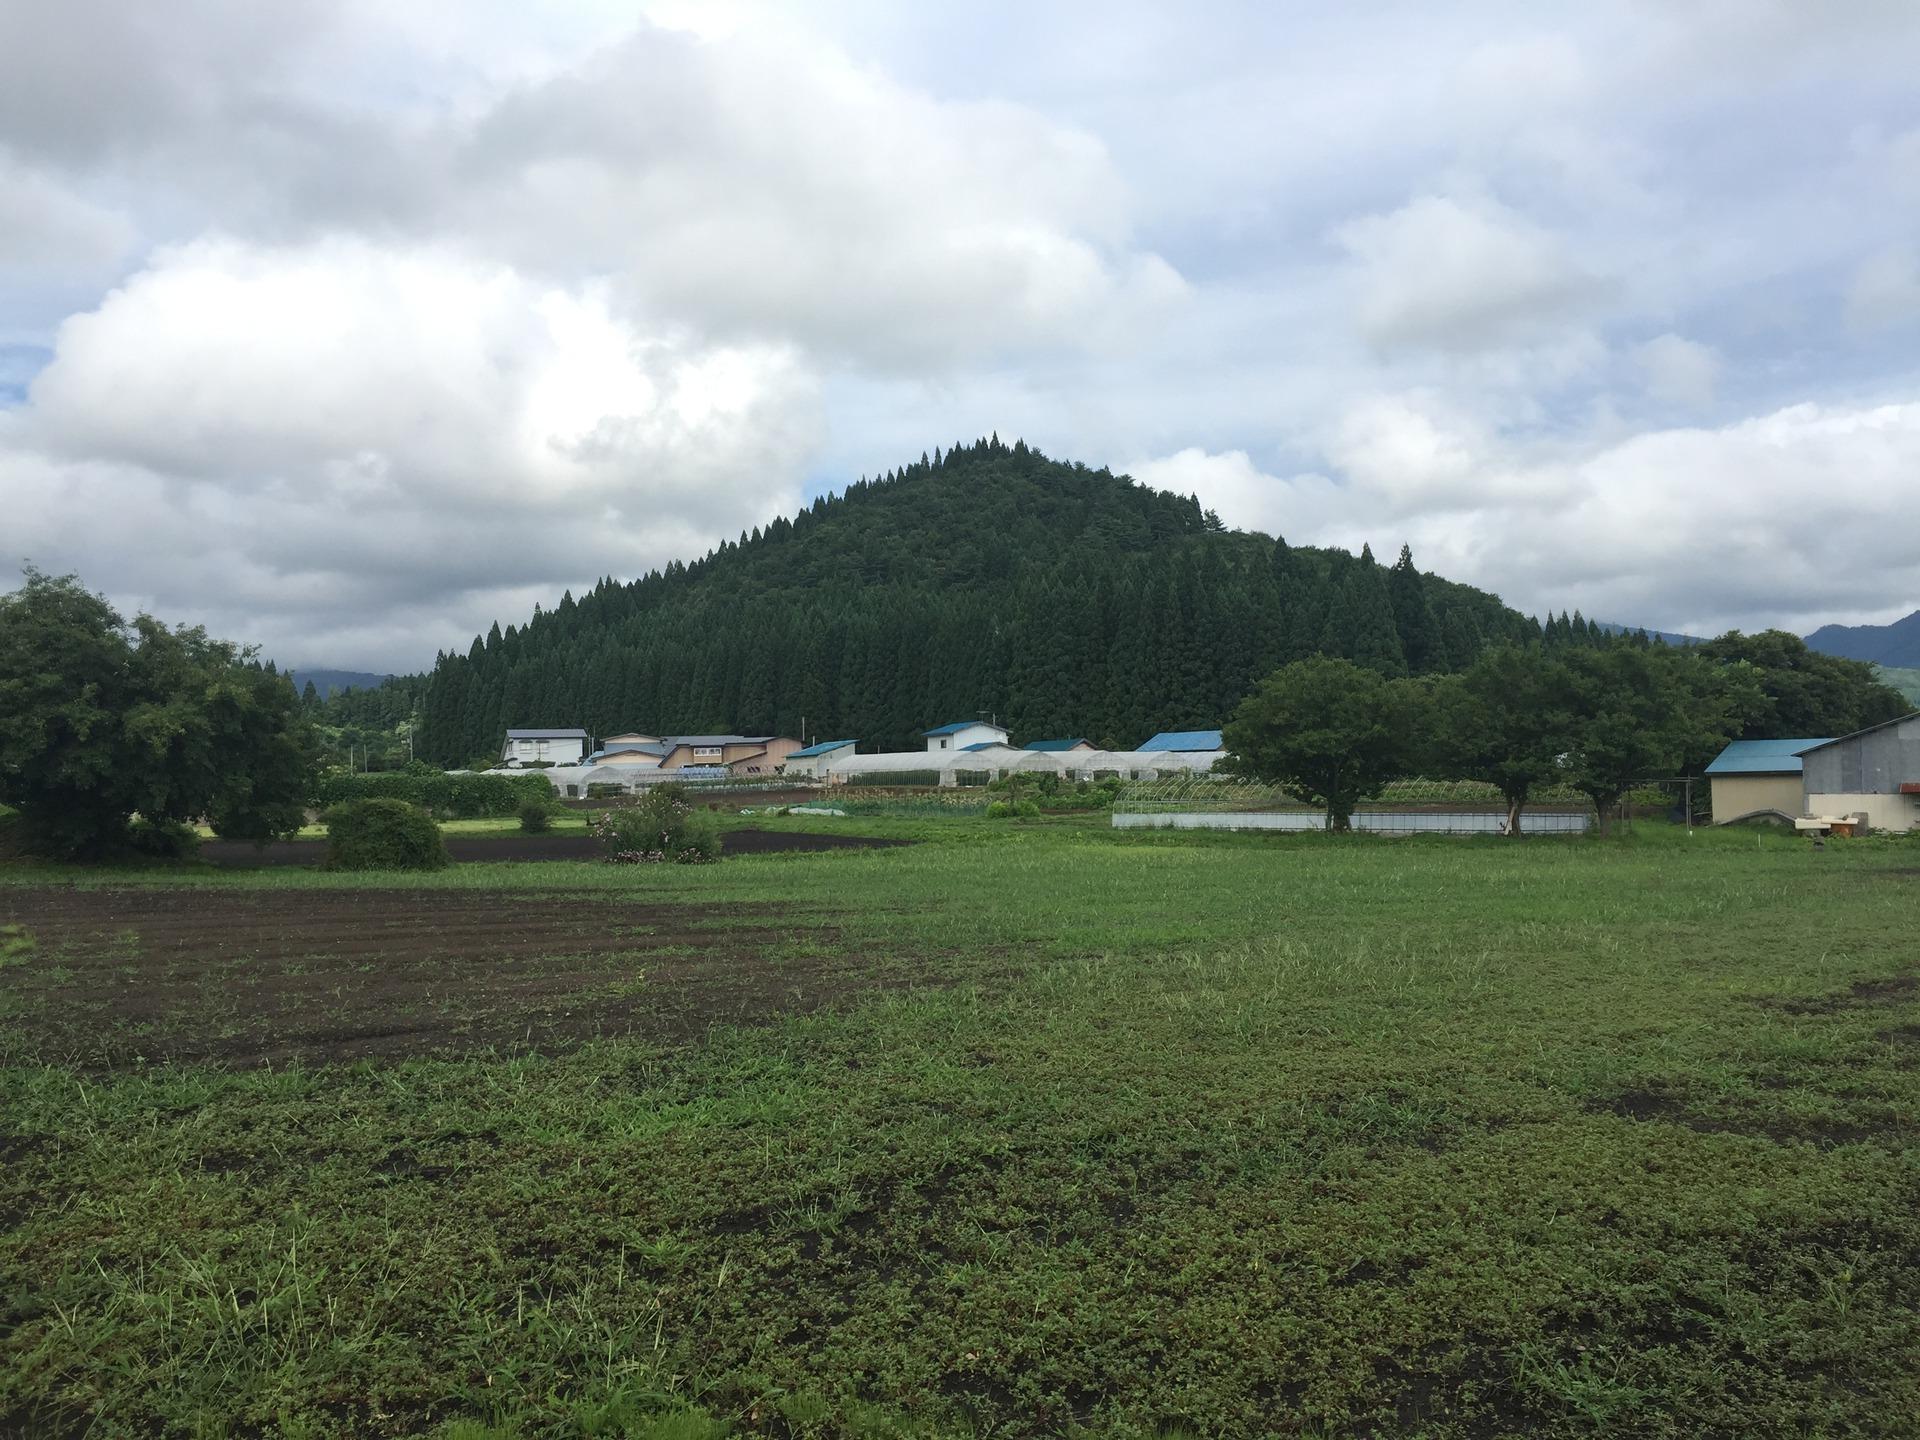 【黒又山(クロマンタ)】 「日本でもっとも美しいピラミッド」と言われる謎の山。龍蛇信仰